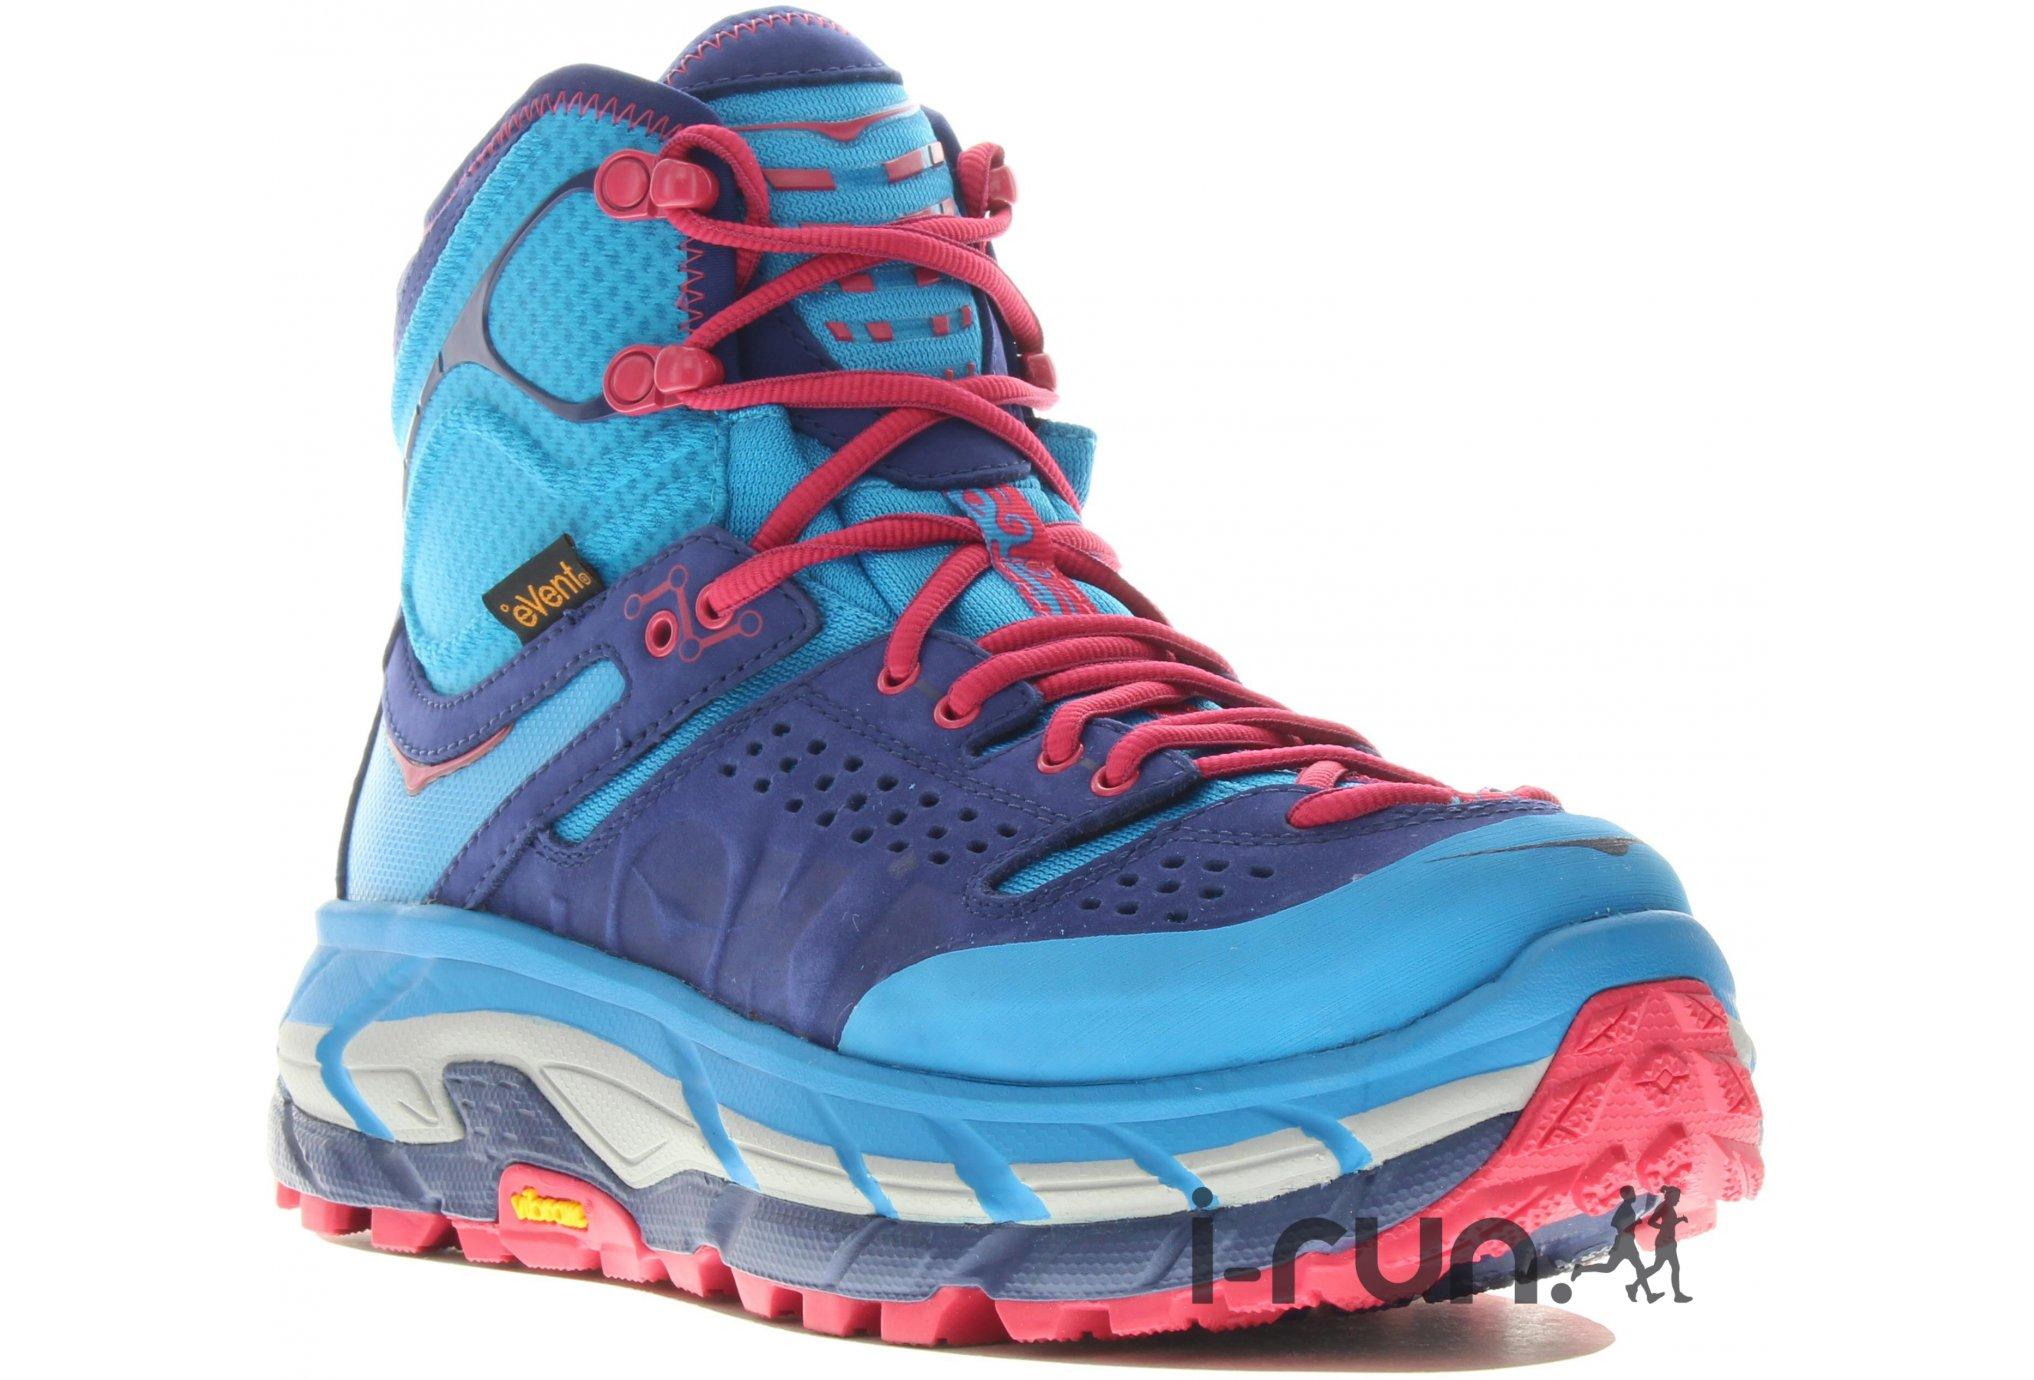 Hoka One One Tor Ultra HI WP W Chaussures running femme